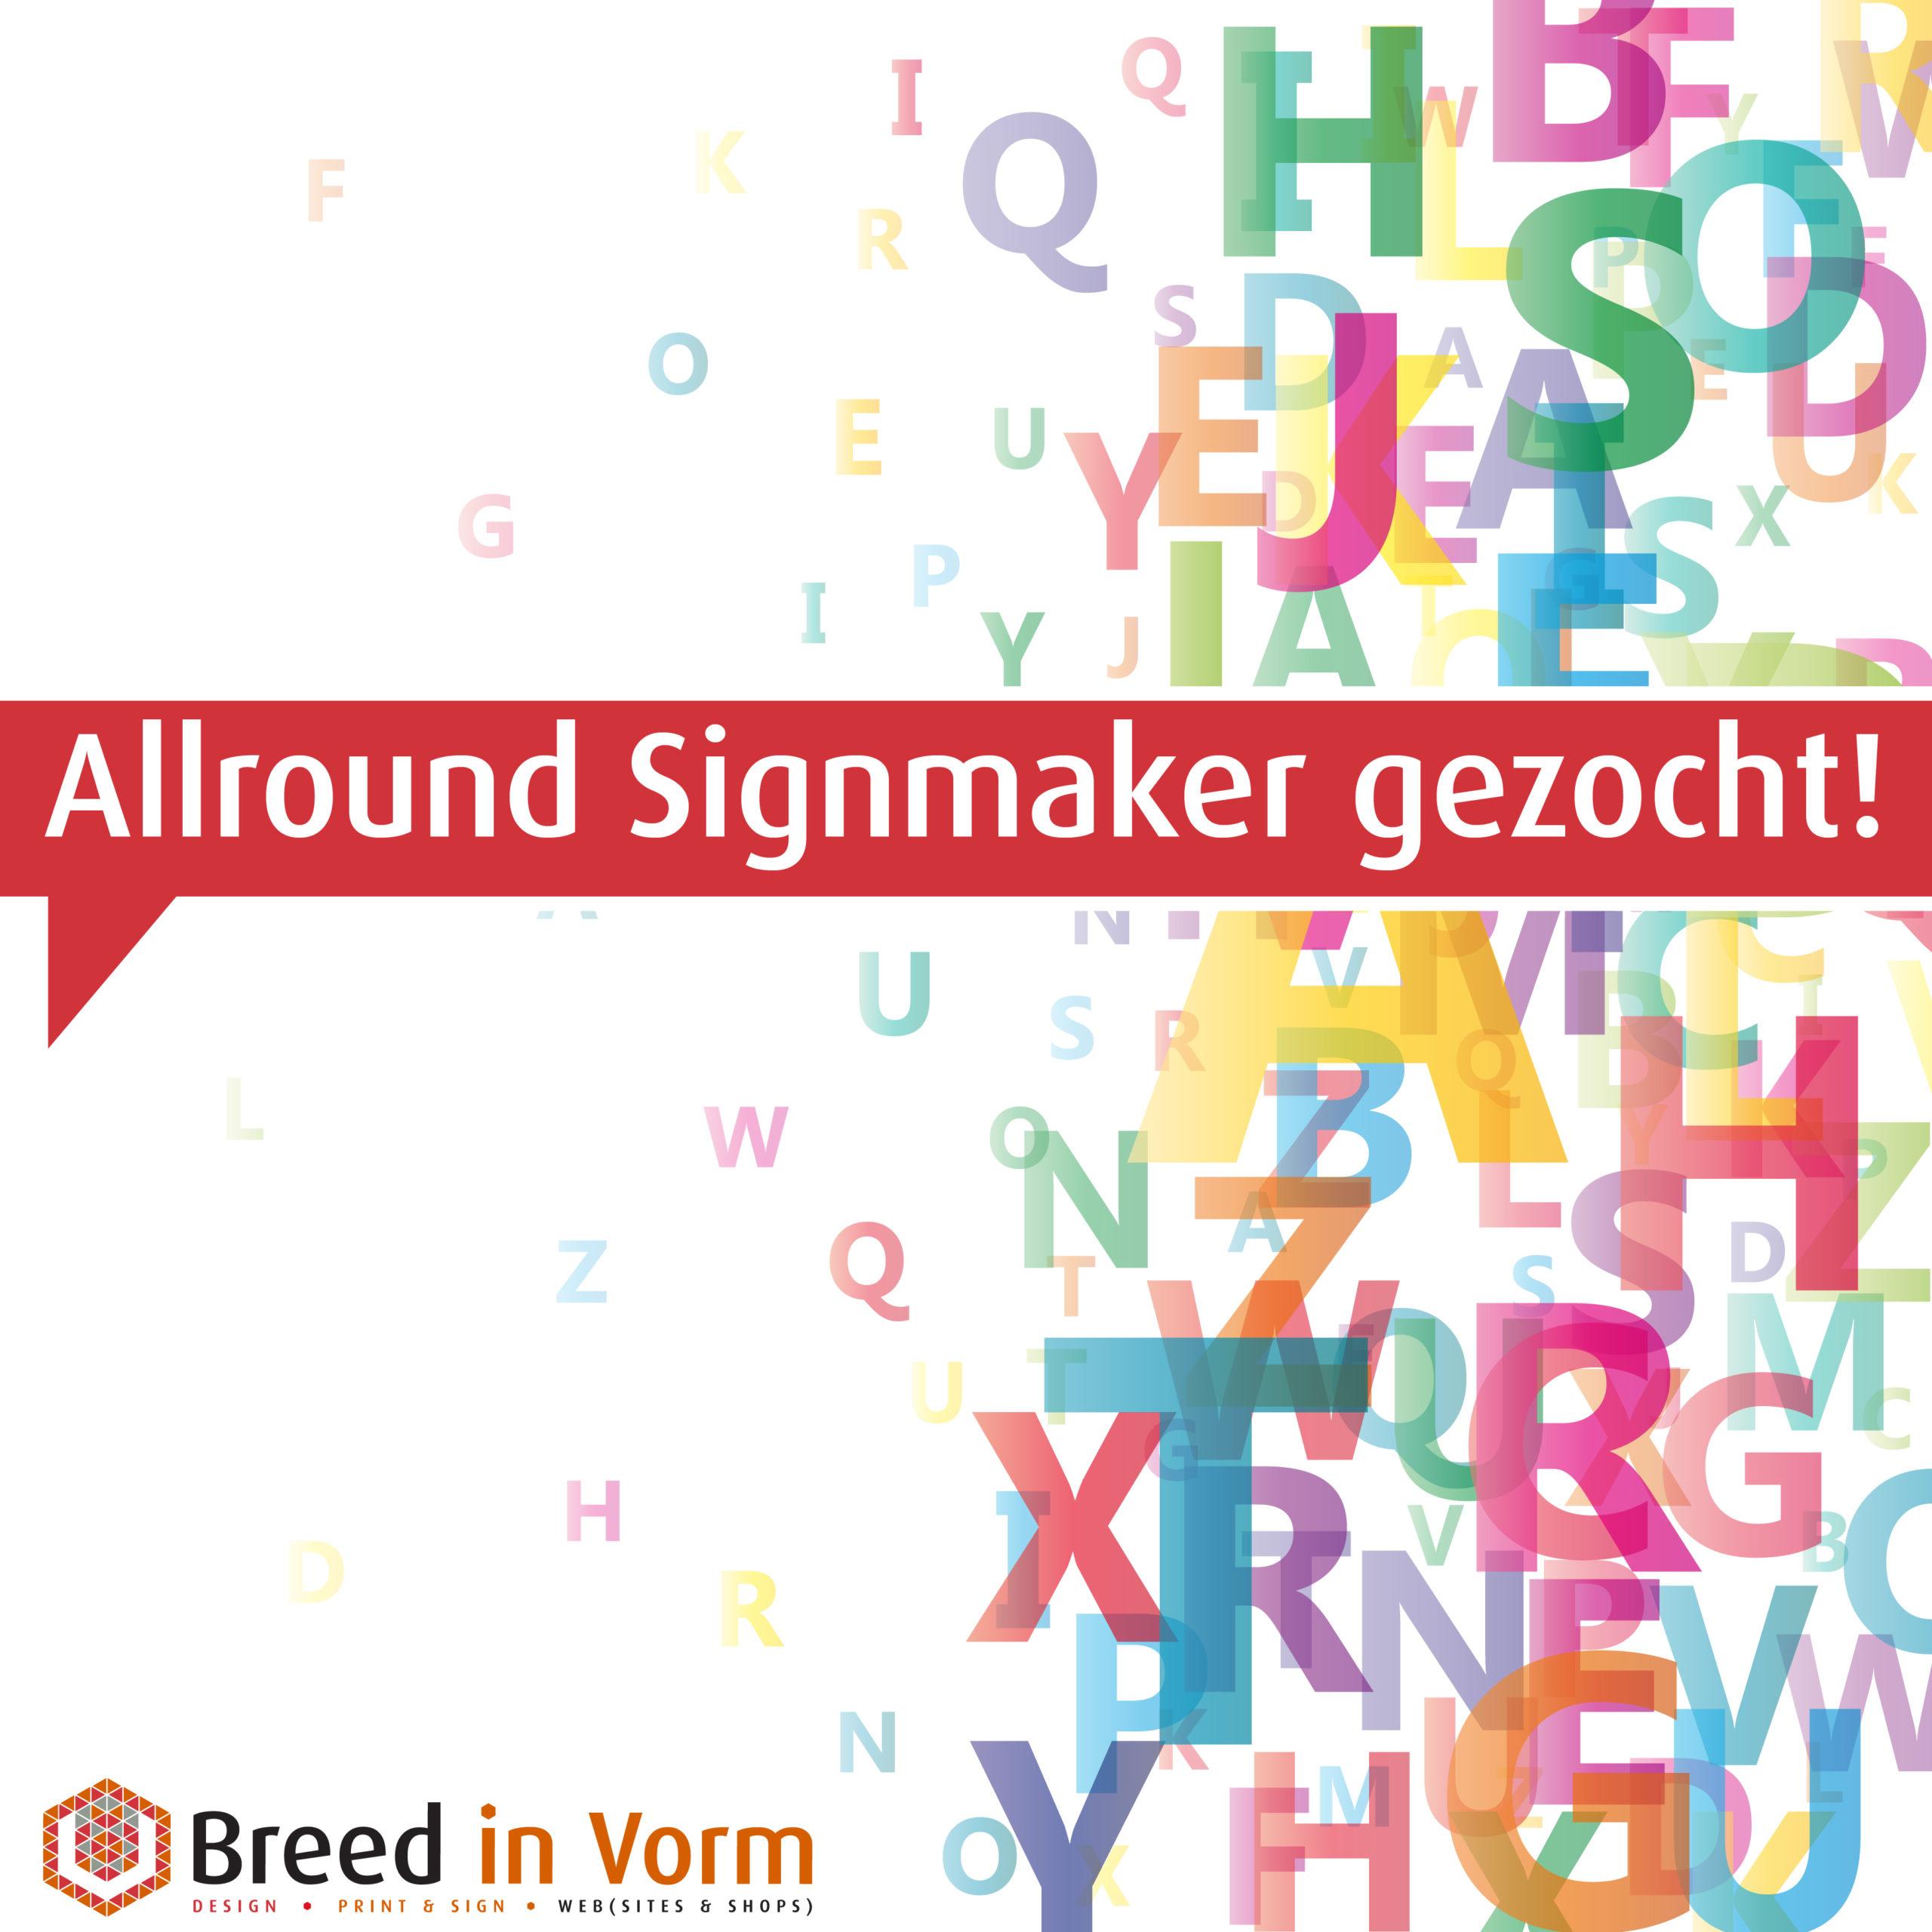 signspecialist gezocht breedinvorm.nl